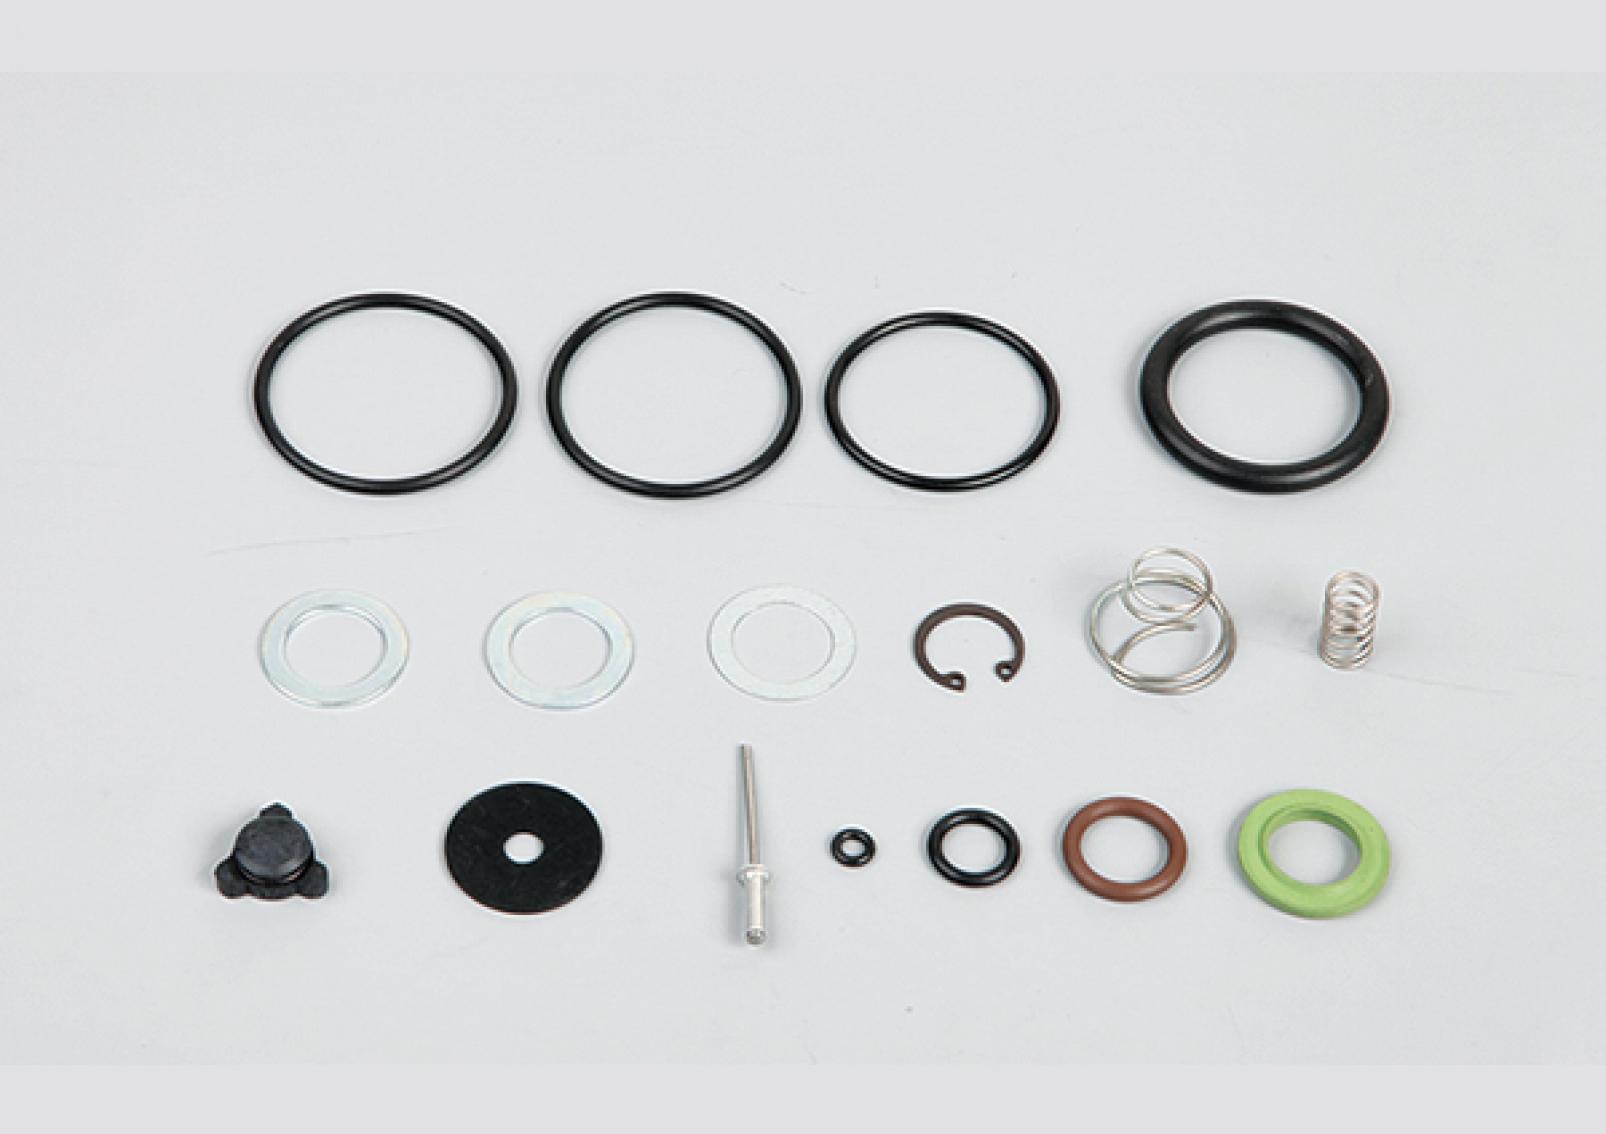 Air Dryer Valve Repair Kit, 432 410 000 2